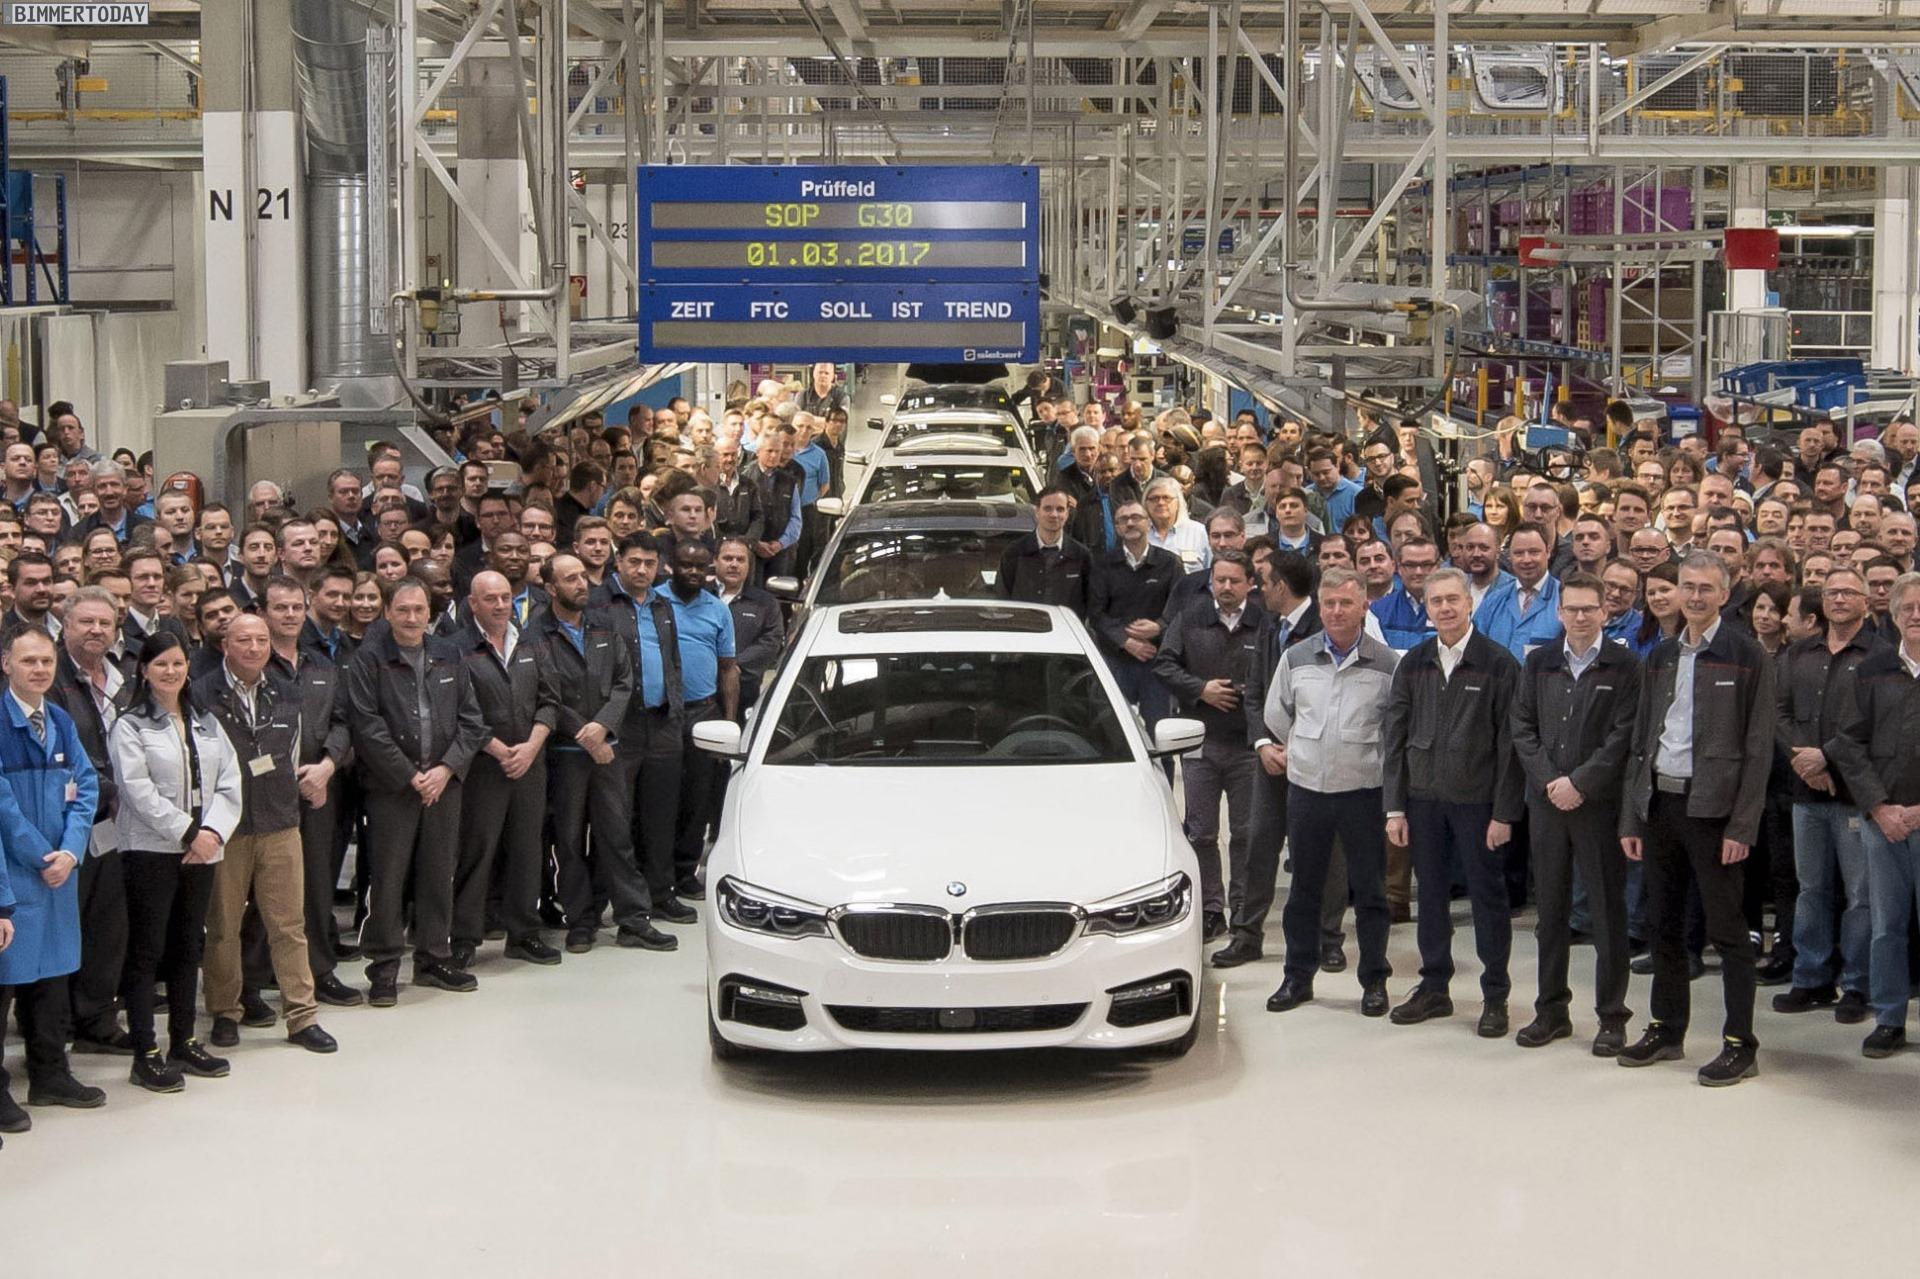 BMW-5er-G30-Produktion-Magna-Steyr-Graz-Oesterreich-05